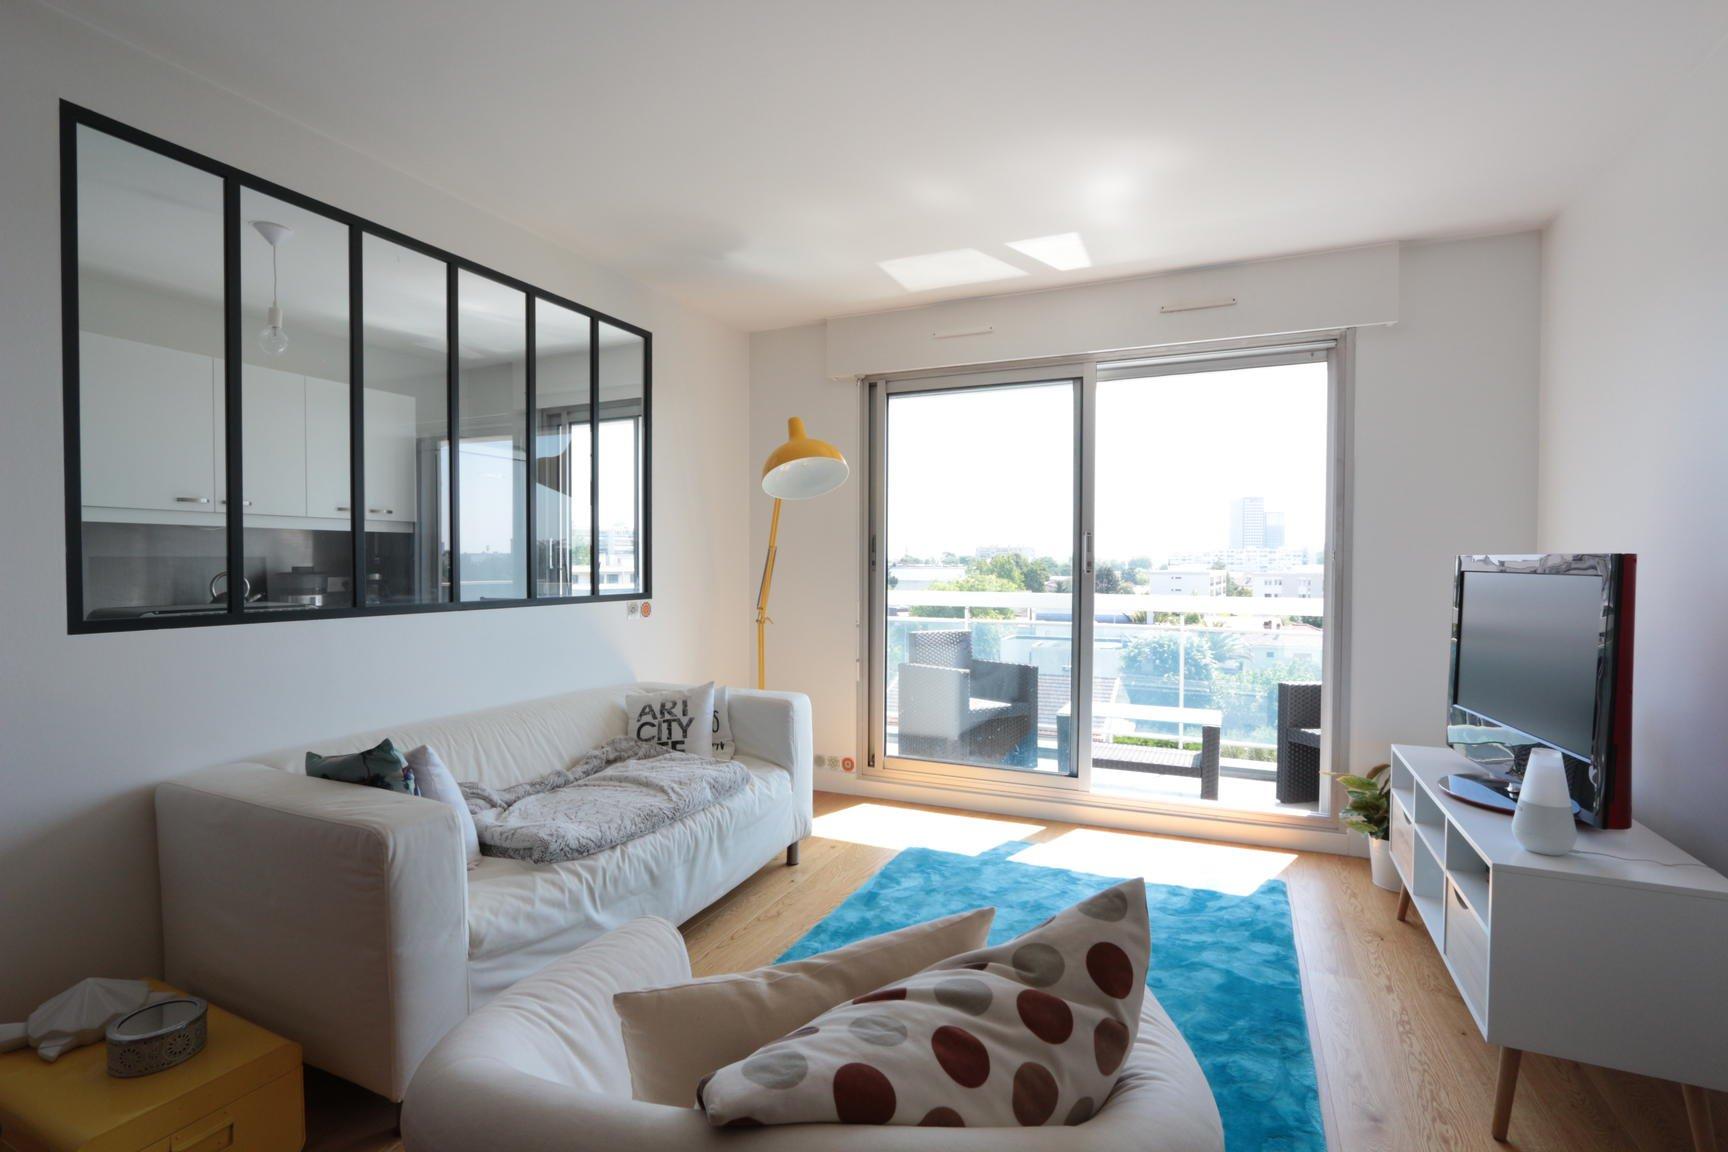 Appartement rénové 55m2 avec terrasse